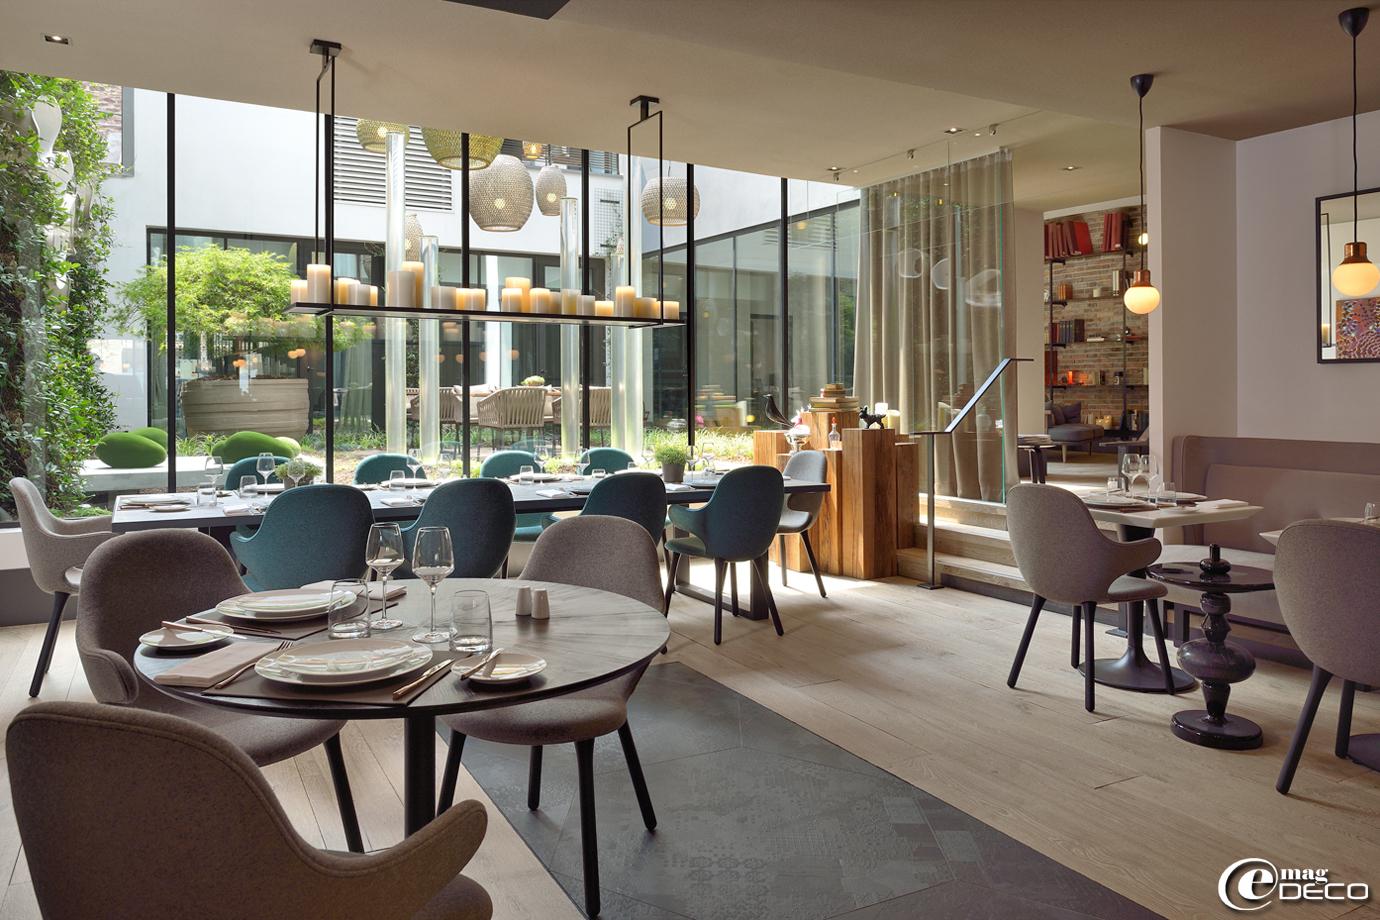 Tables composées de plateaux en Corian réalisés par la société 'LCCA' à Saint-Quentin-Fallavier et de pied 'Pedrali' distribués par 'Siltec', sièges 'Catch chair' de la marque danoise '&Tradition'